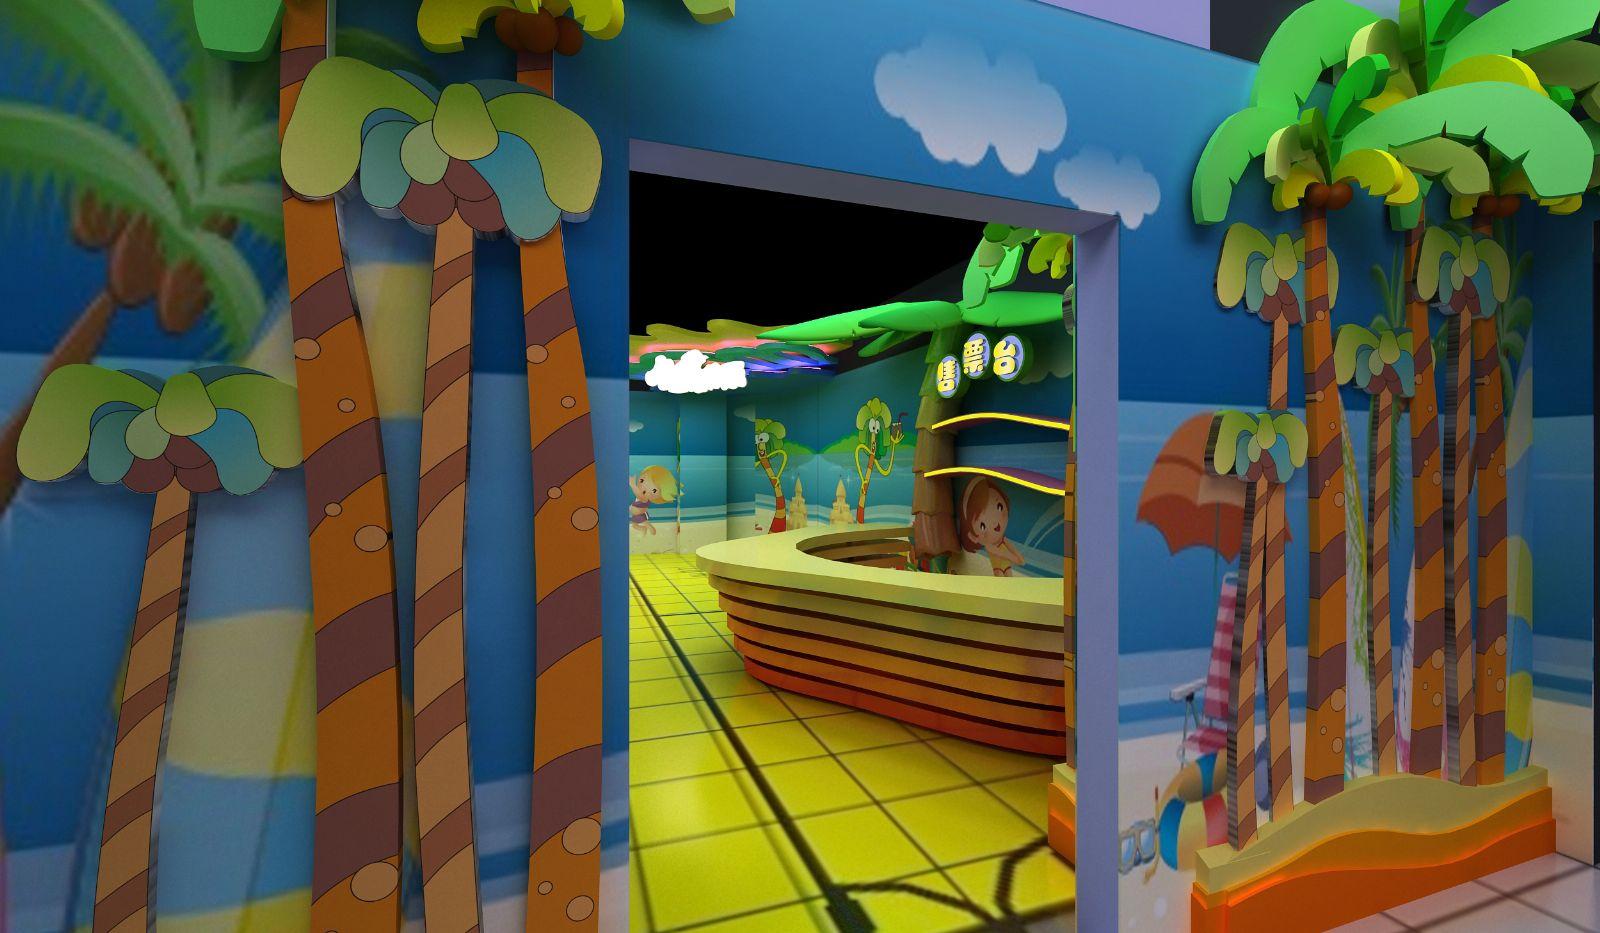 室内儿童乐园森林风格设计案例